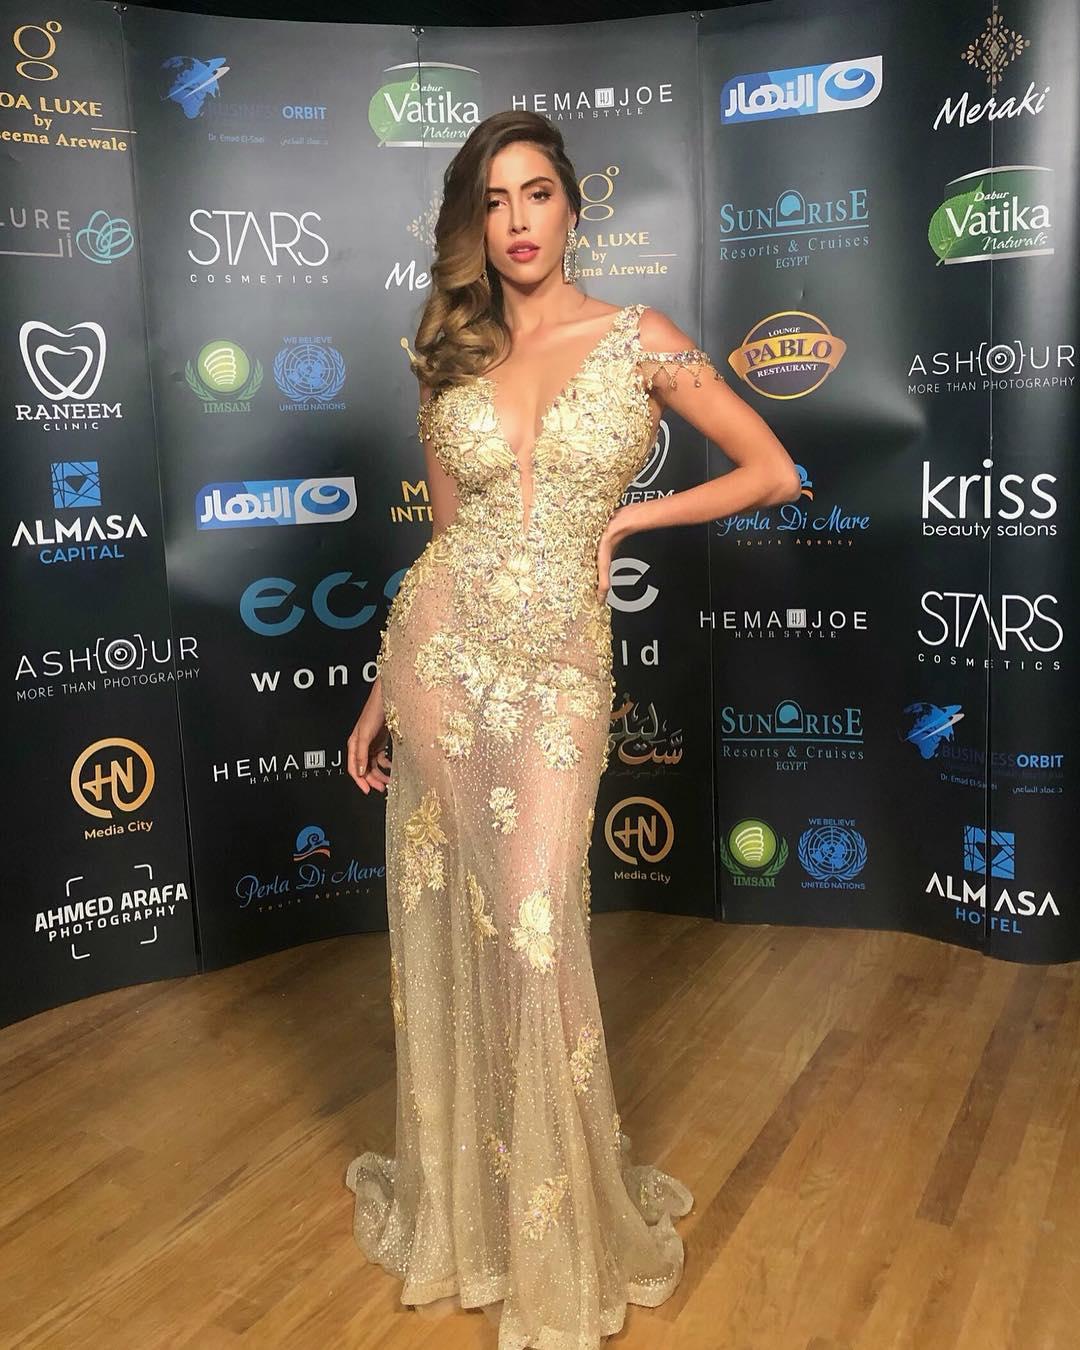 miss costa rica, top 10 de miss universe 2018 e vencedora de miss eco universe 2016 (haora miss eco international), em egypt, junto a candidatas a miss eco international 2019. Uqsr8j8s